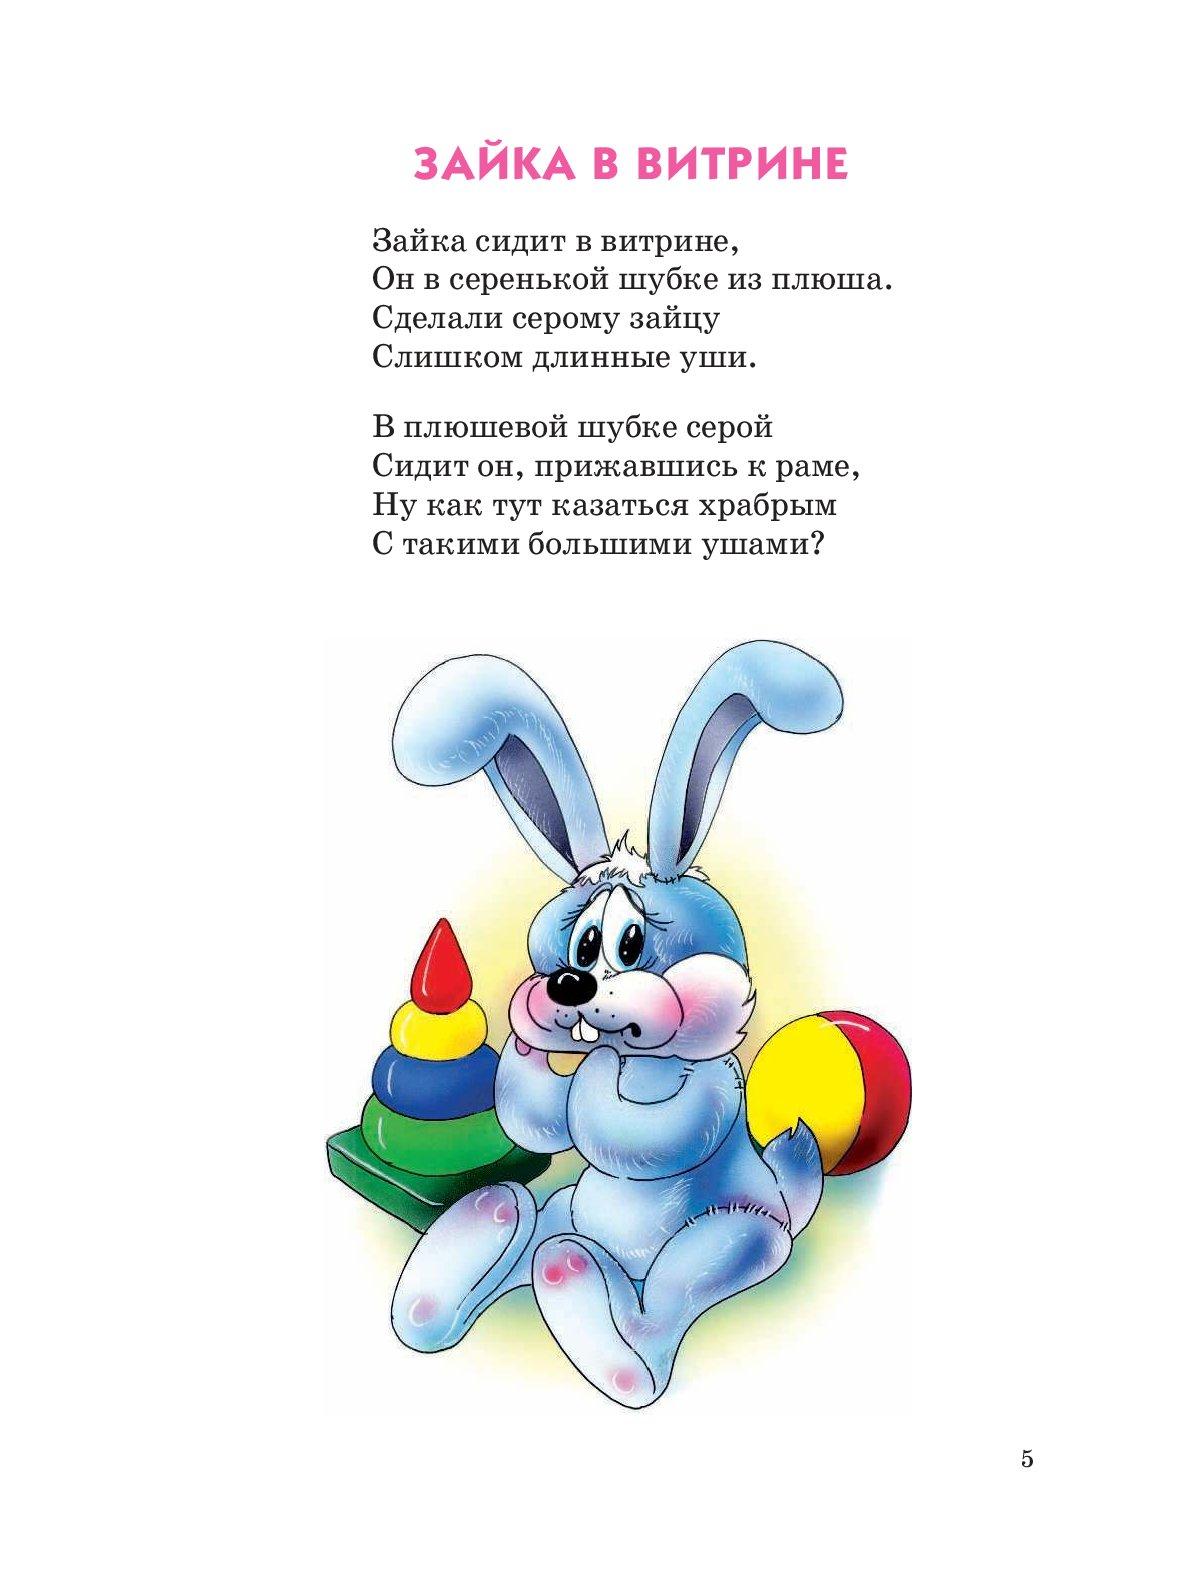 Стихи для детей с картинками распечатать